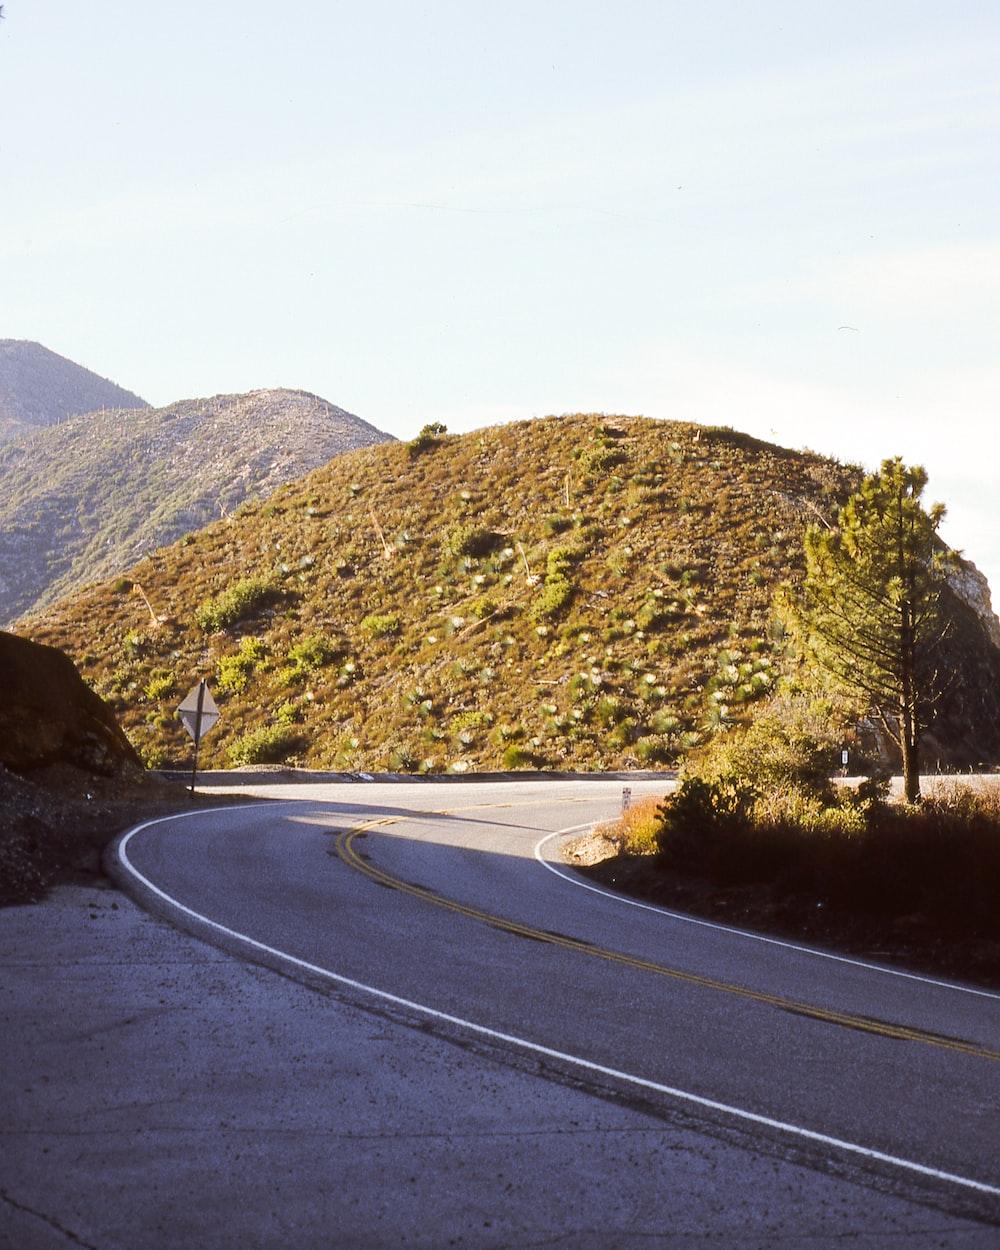 gray concrete road near hill